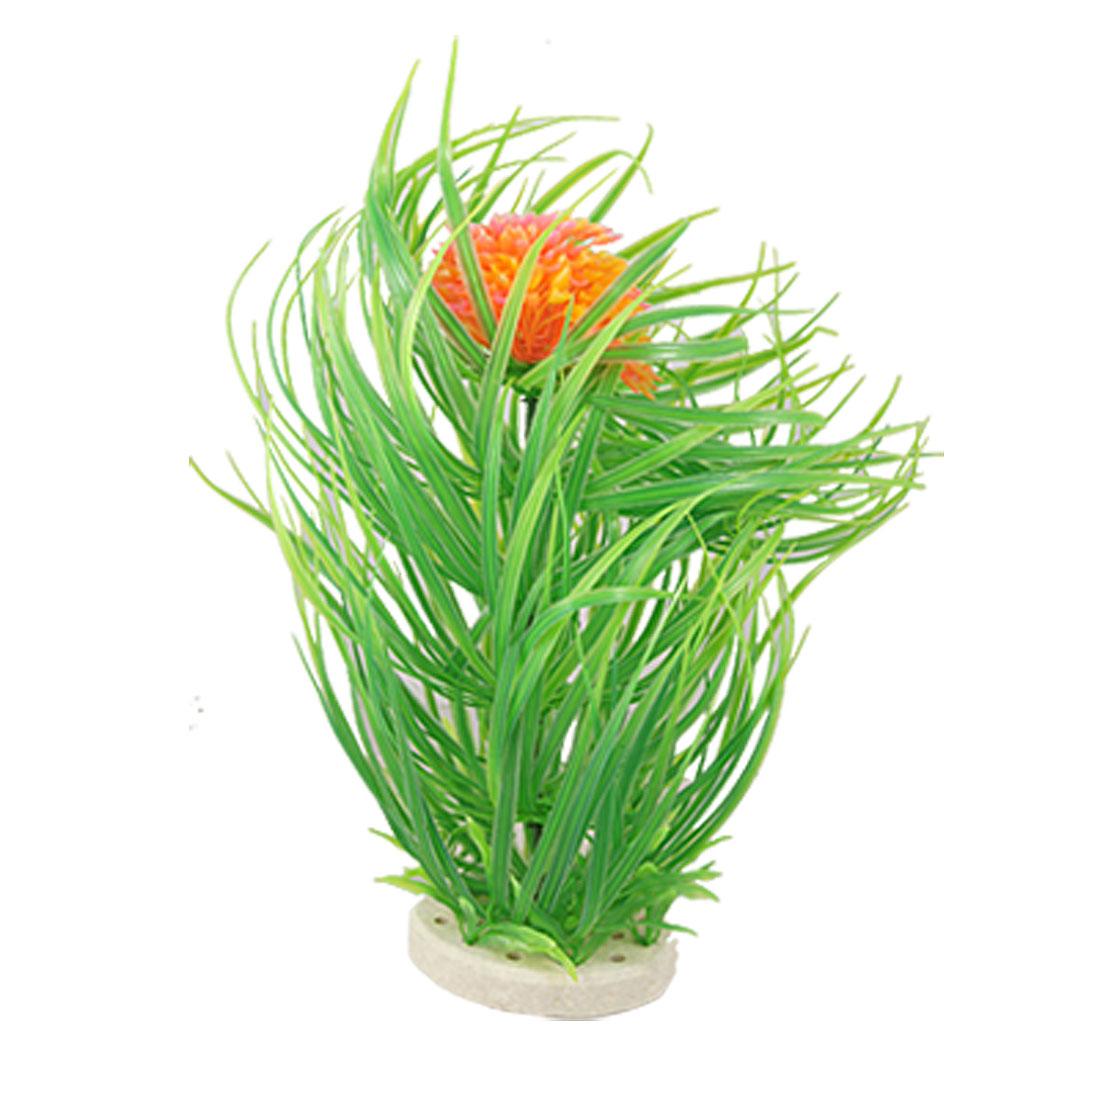 Tank Aquascape Green Plastic Leaf Floral Accent Ornament